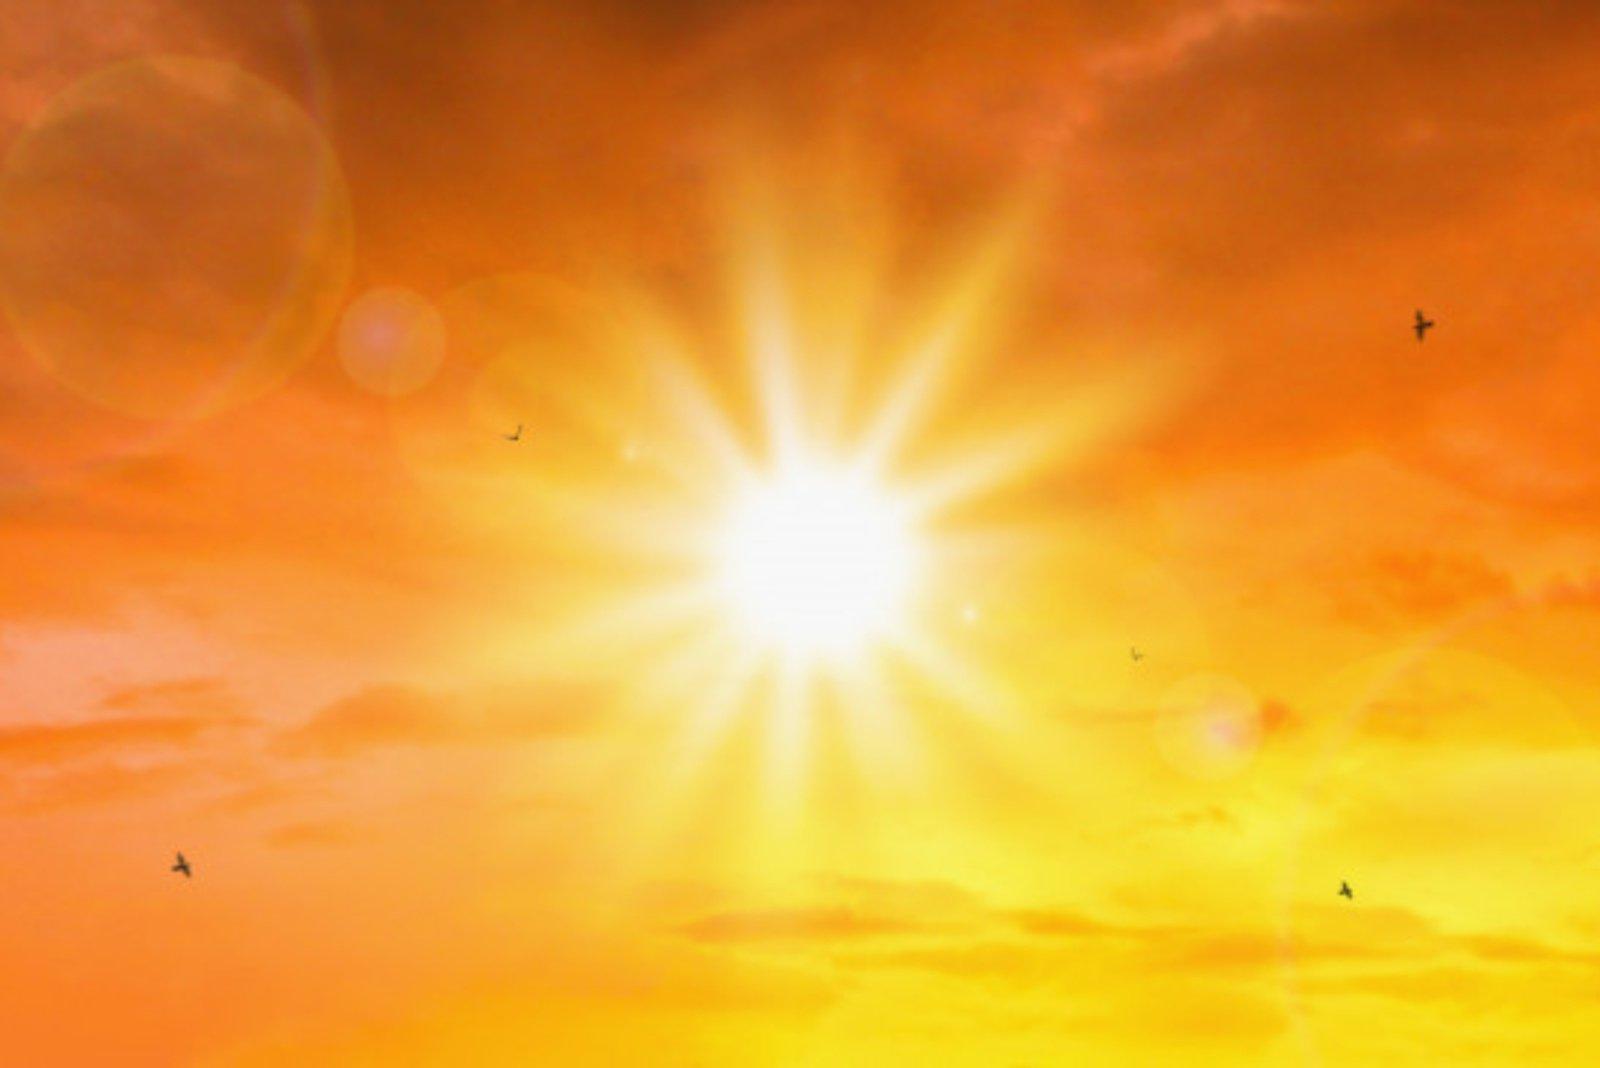 Saulė išspjovė galingiausią žybsnį nuo 2017 metų